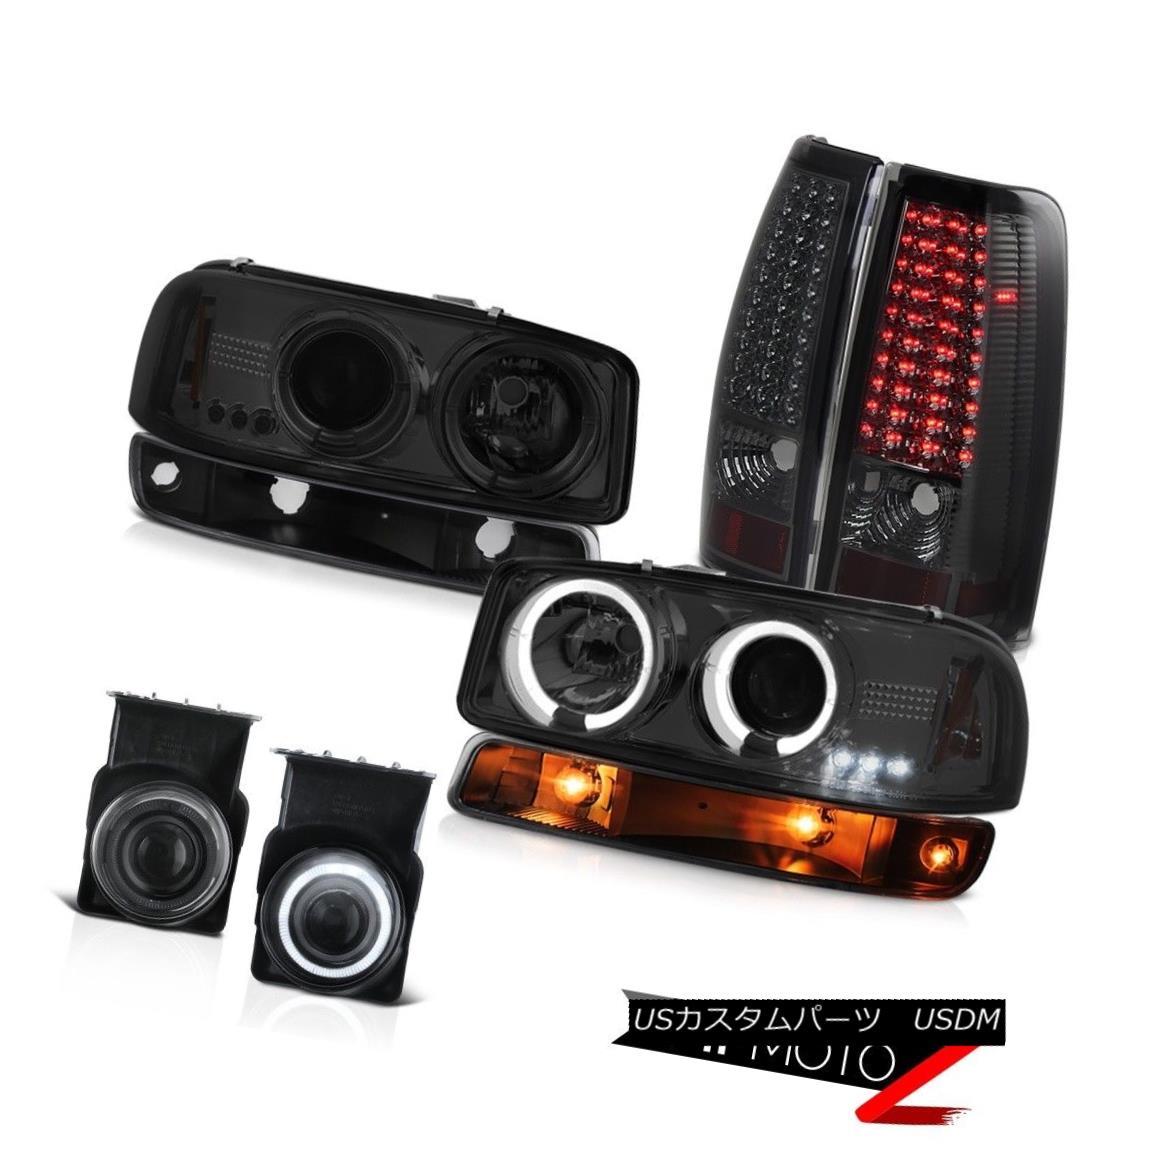 テールライト 03-06 Sierra 4.3L Fog lamps smd taillights inky black parking light headlights 03-06シエラ4.3Lフォグランプsmdテールライトインクニーブラック駐車ライトヘッドライト